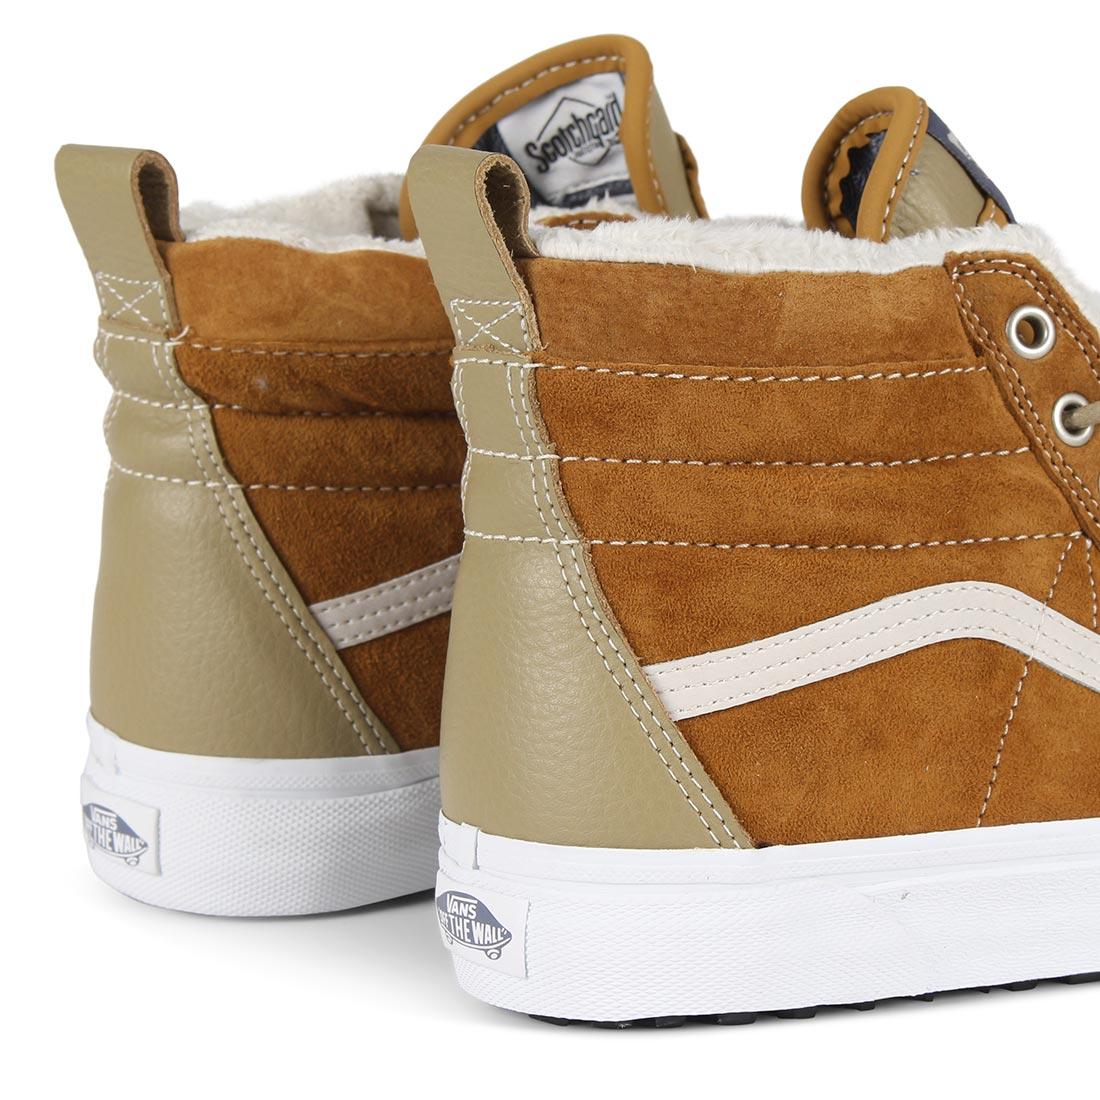 6e466170c1cbeb Vans Sk8 Hi MTE Shoes - Cumin   Slate Green